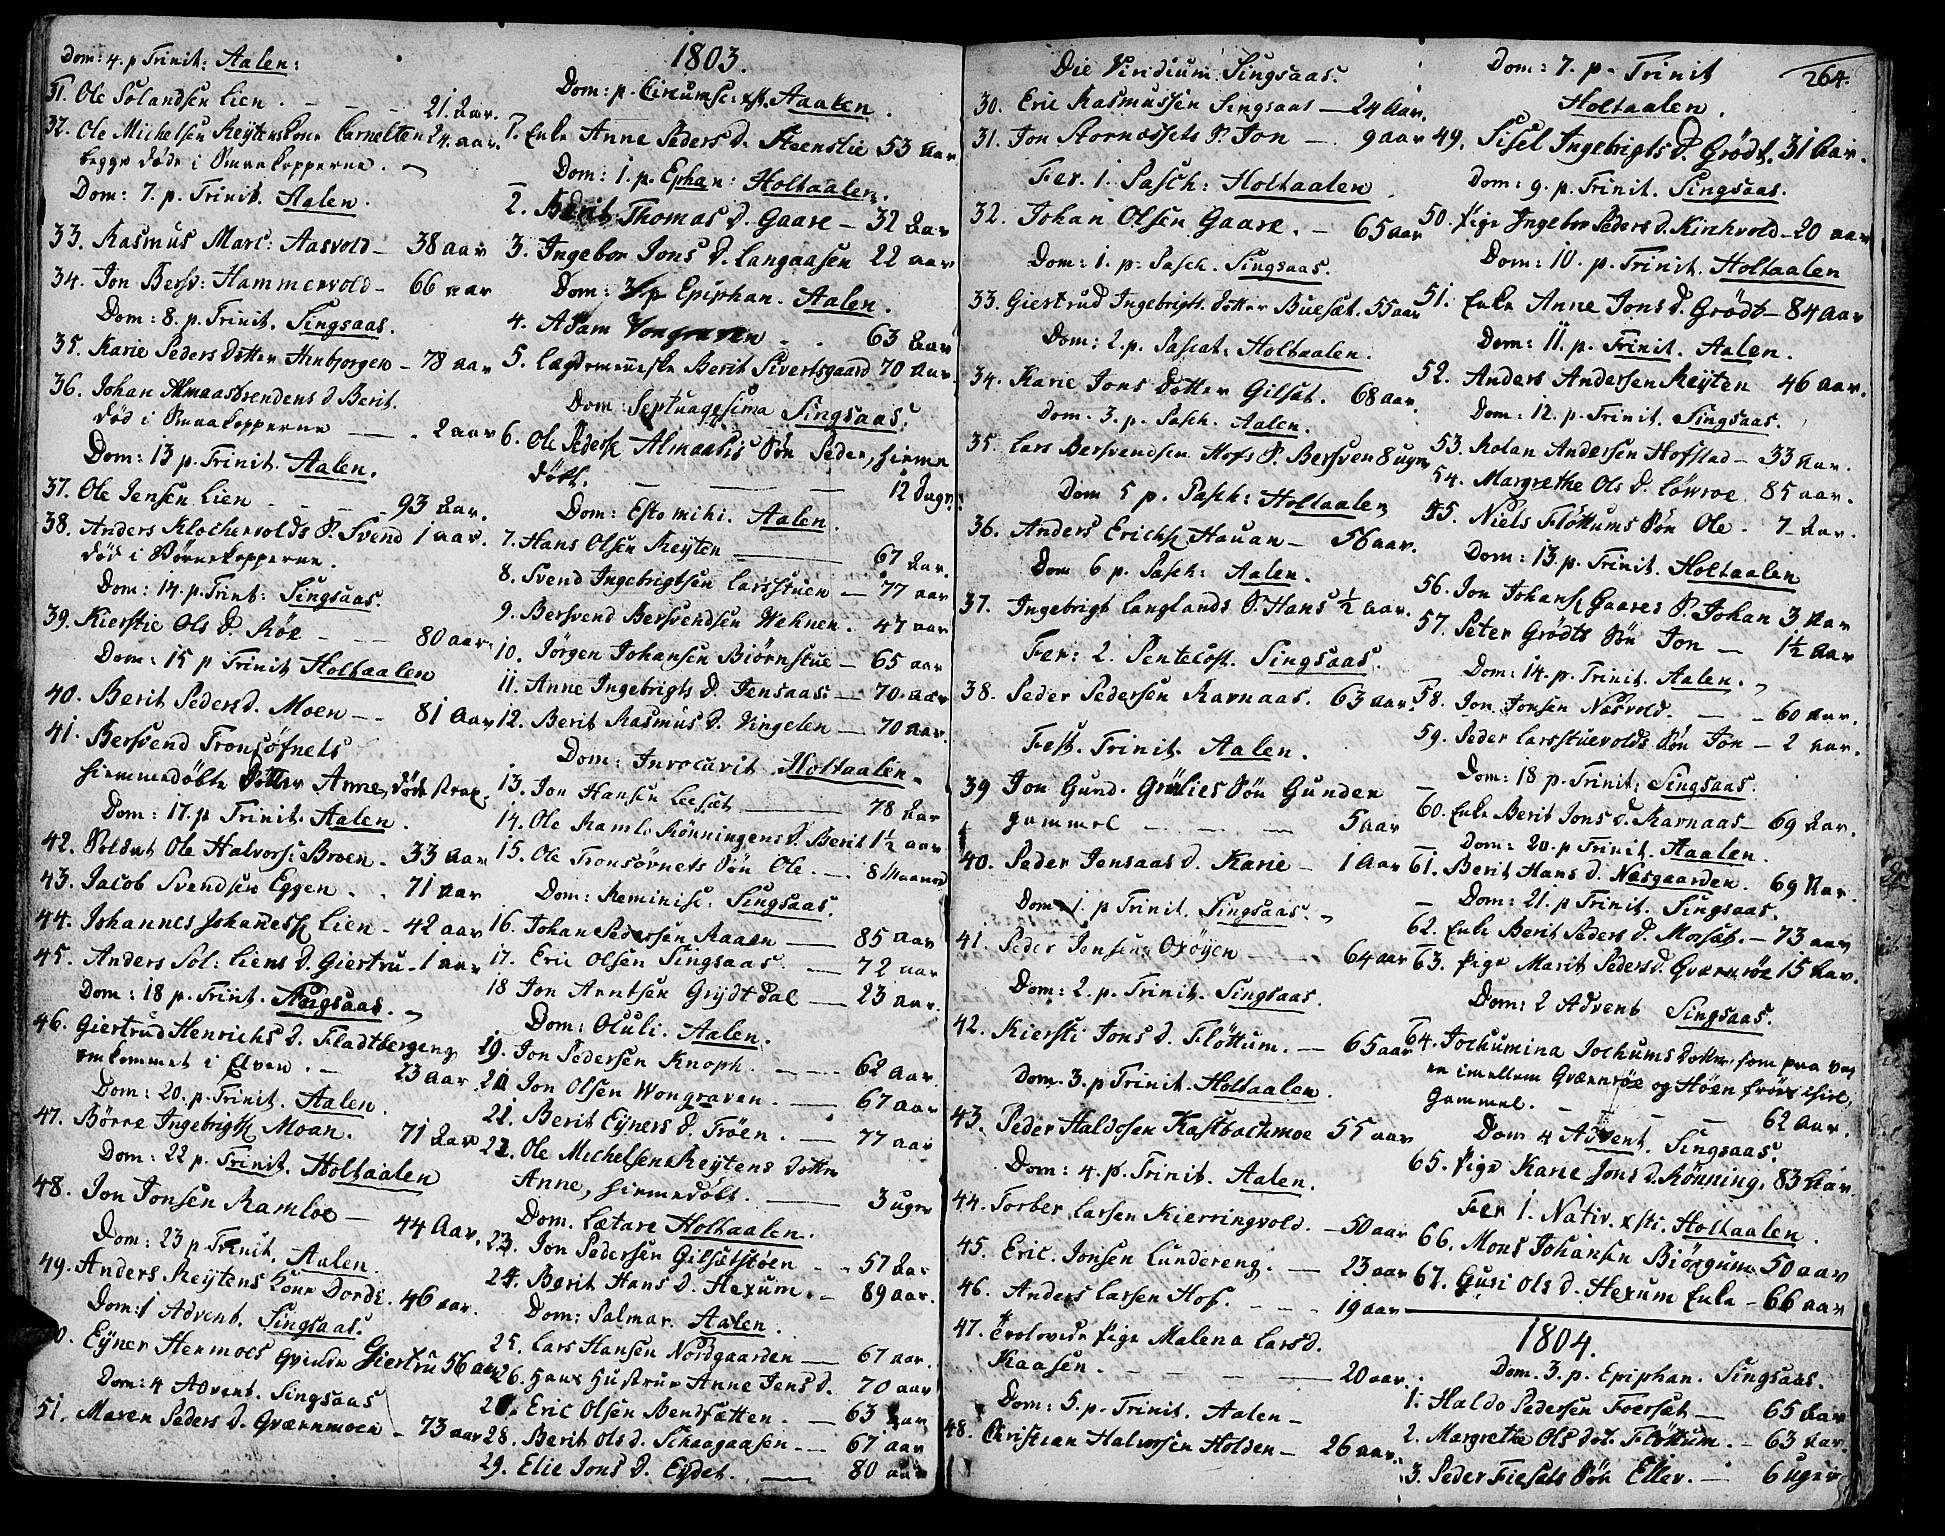 SAT, Ministerialprotokoller, klokkerbøker og fødselsregistre - Sør-Trøndelag, 685/L0952: Ministerialbok nr. 685A01, 1745-1804, s. 264